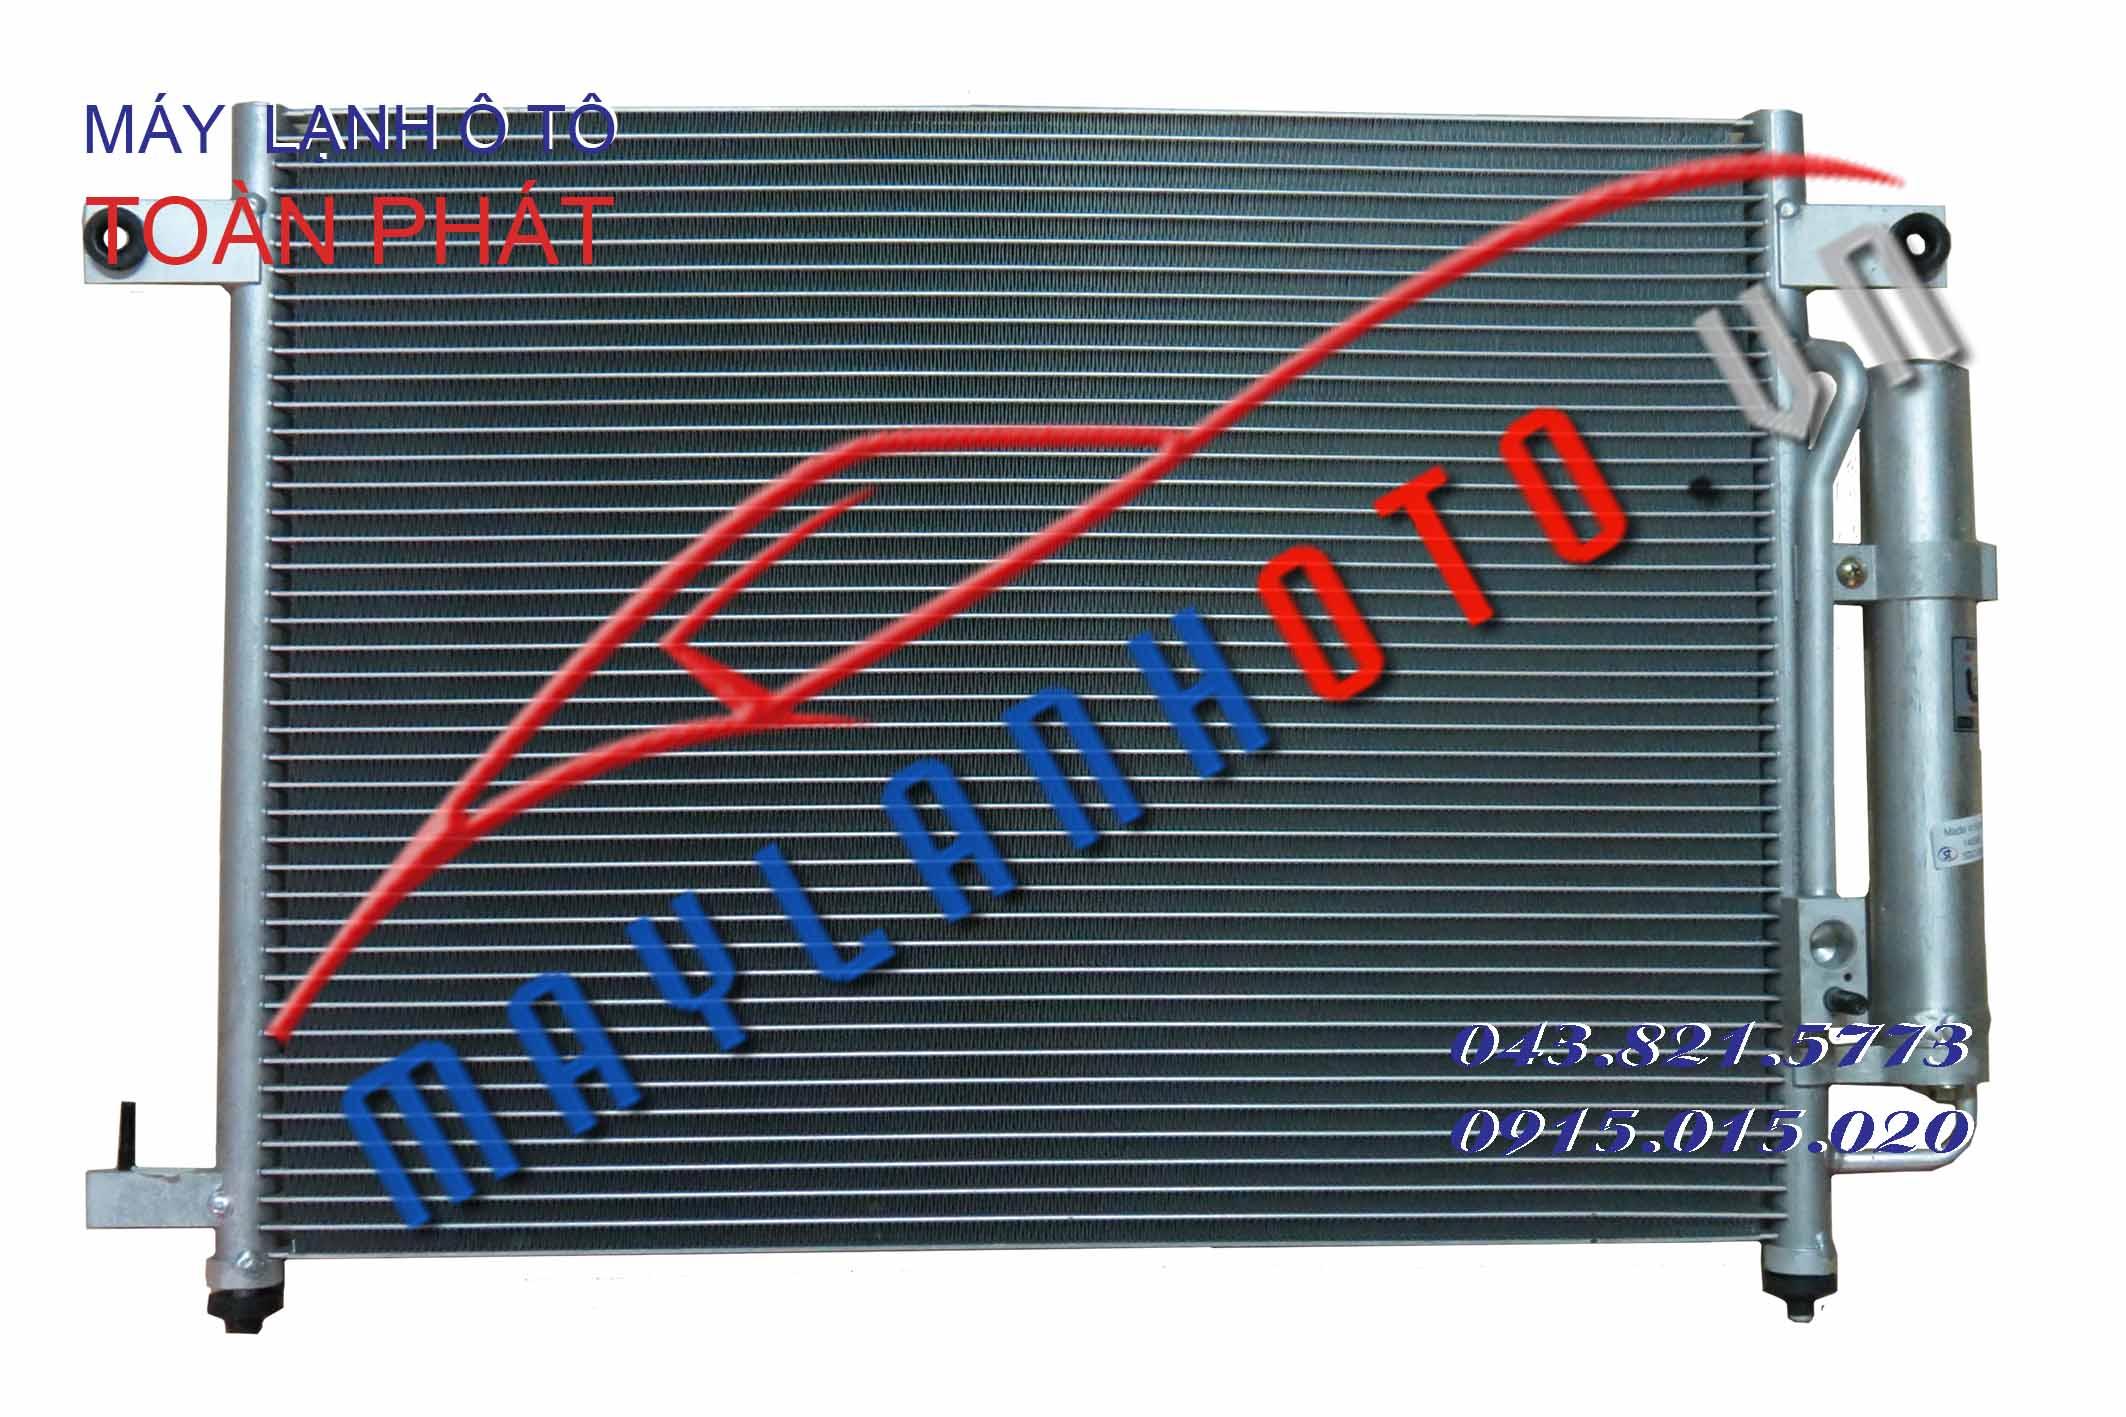 Gentra 1.2 / Giàn nóng điều hòa Daewoo Gentra 1.2 / Dàn nóng điều hòa Daewoo Gentra 1.2